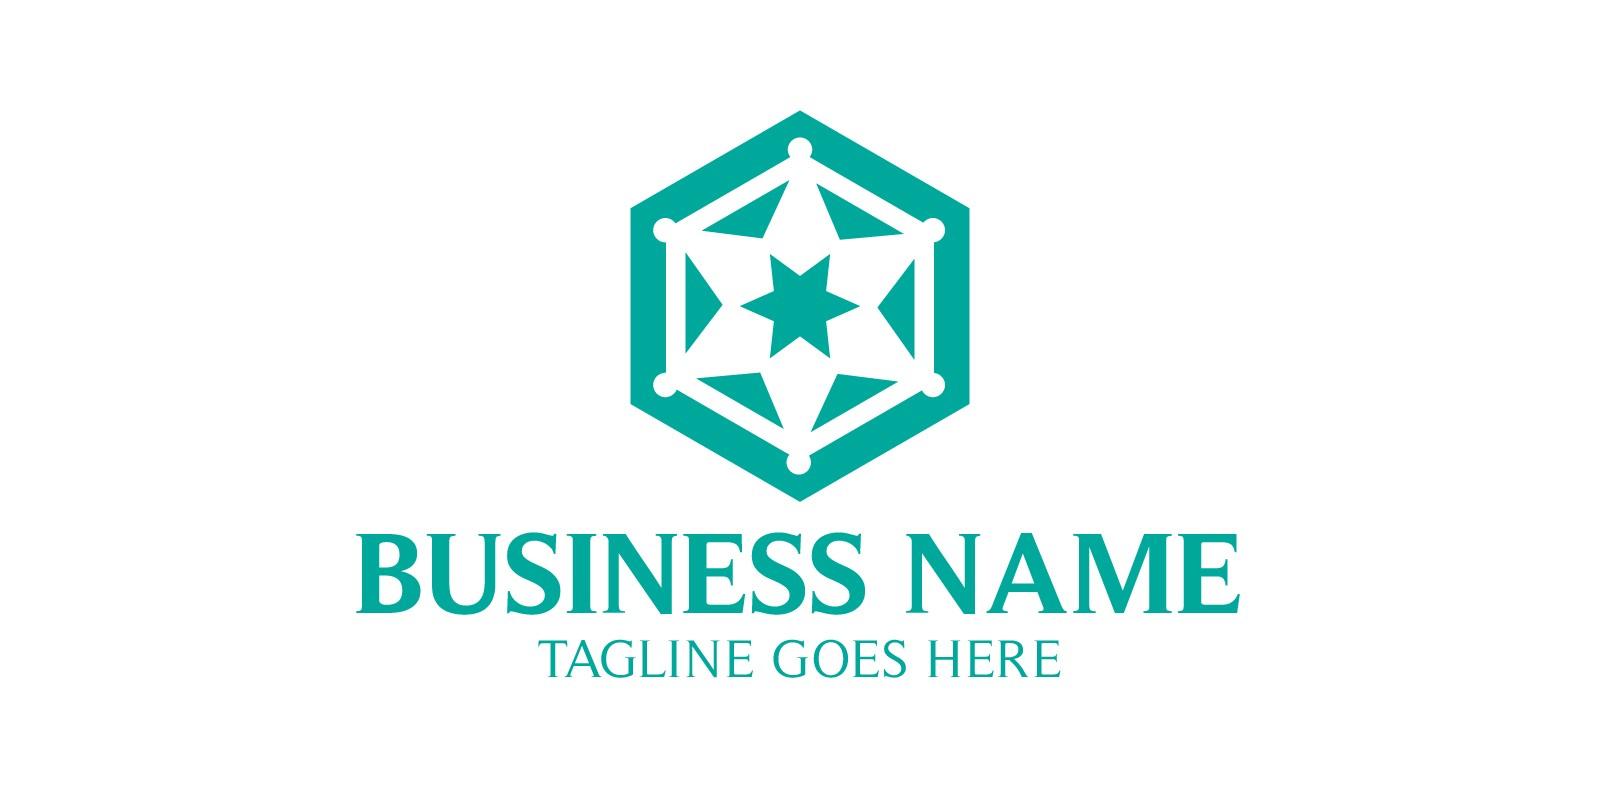 Tech Hexagon and Star Logo